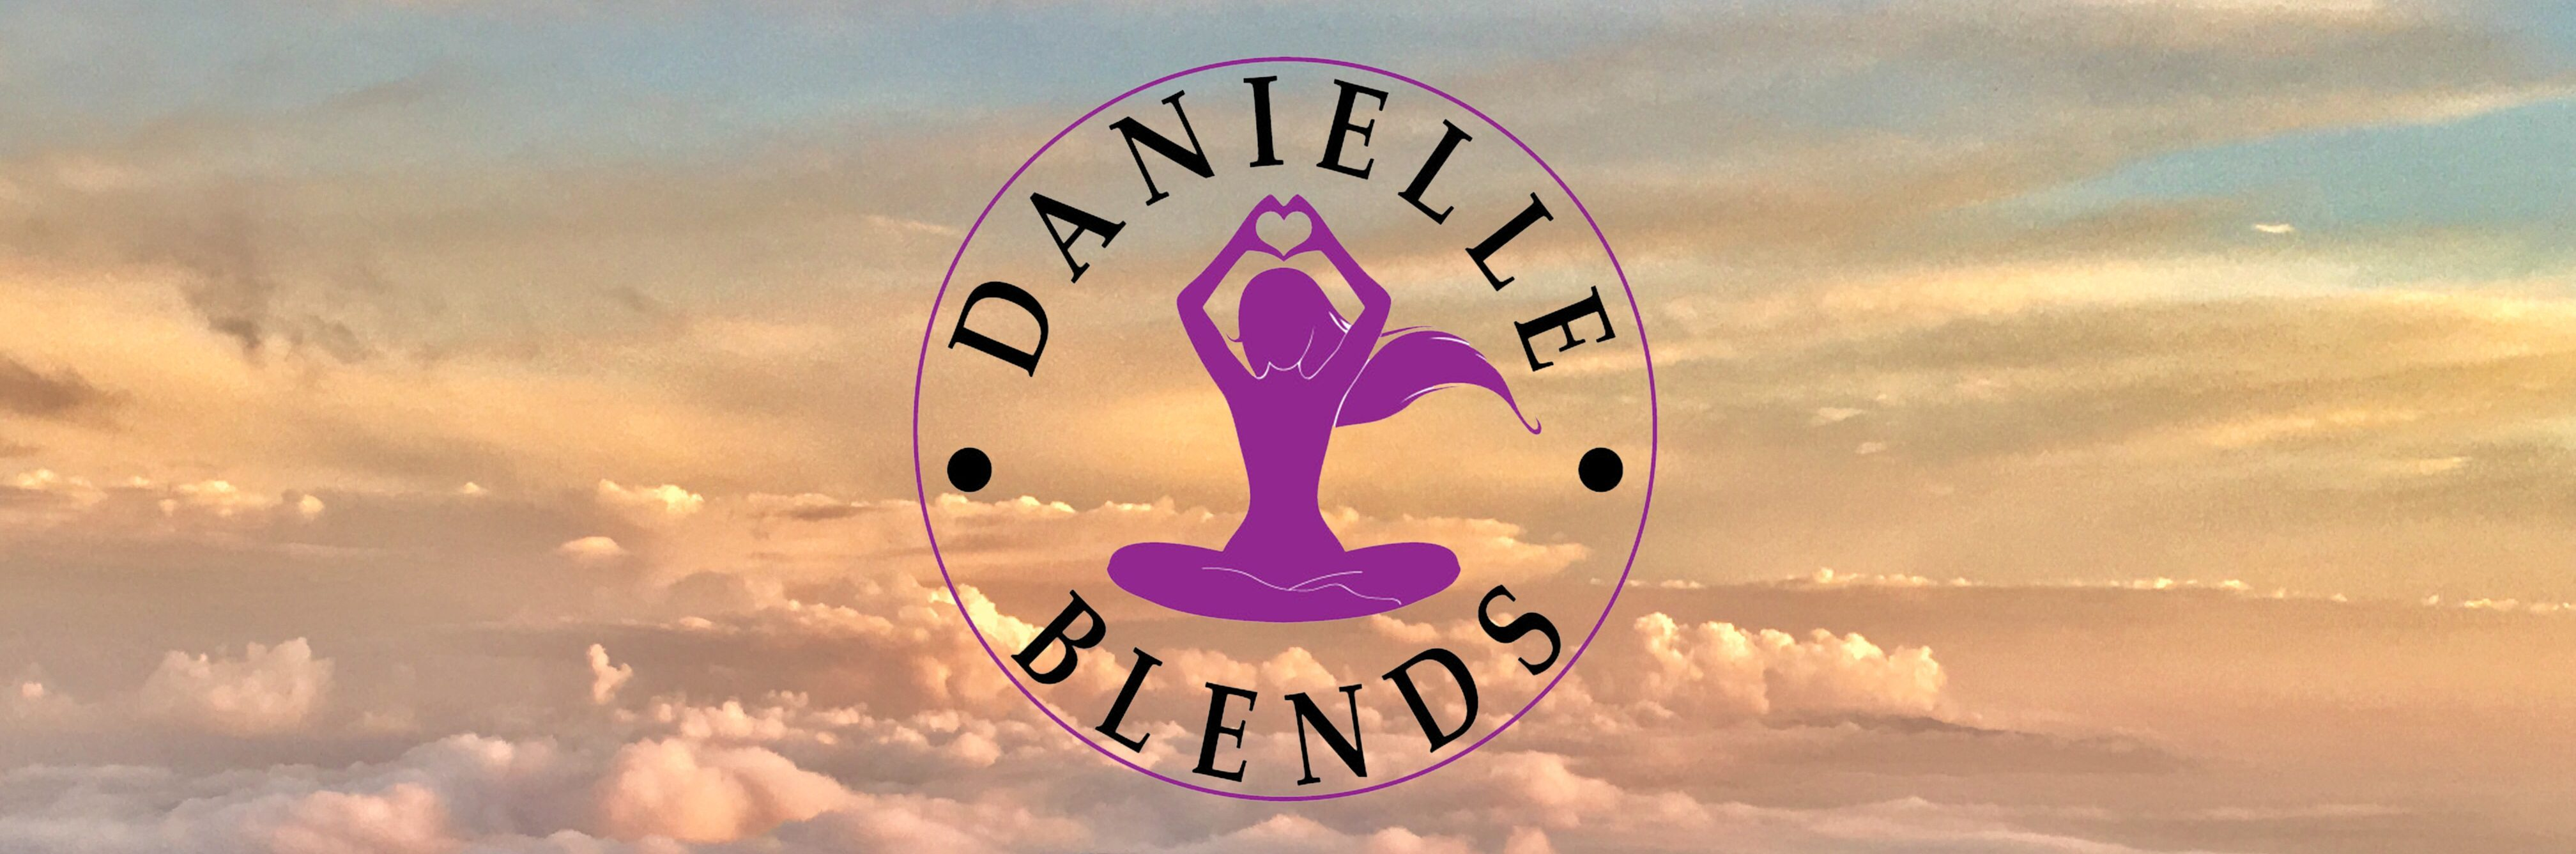 Danielle Blends